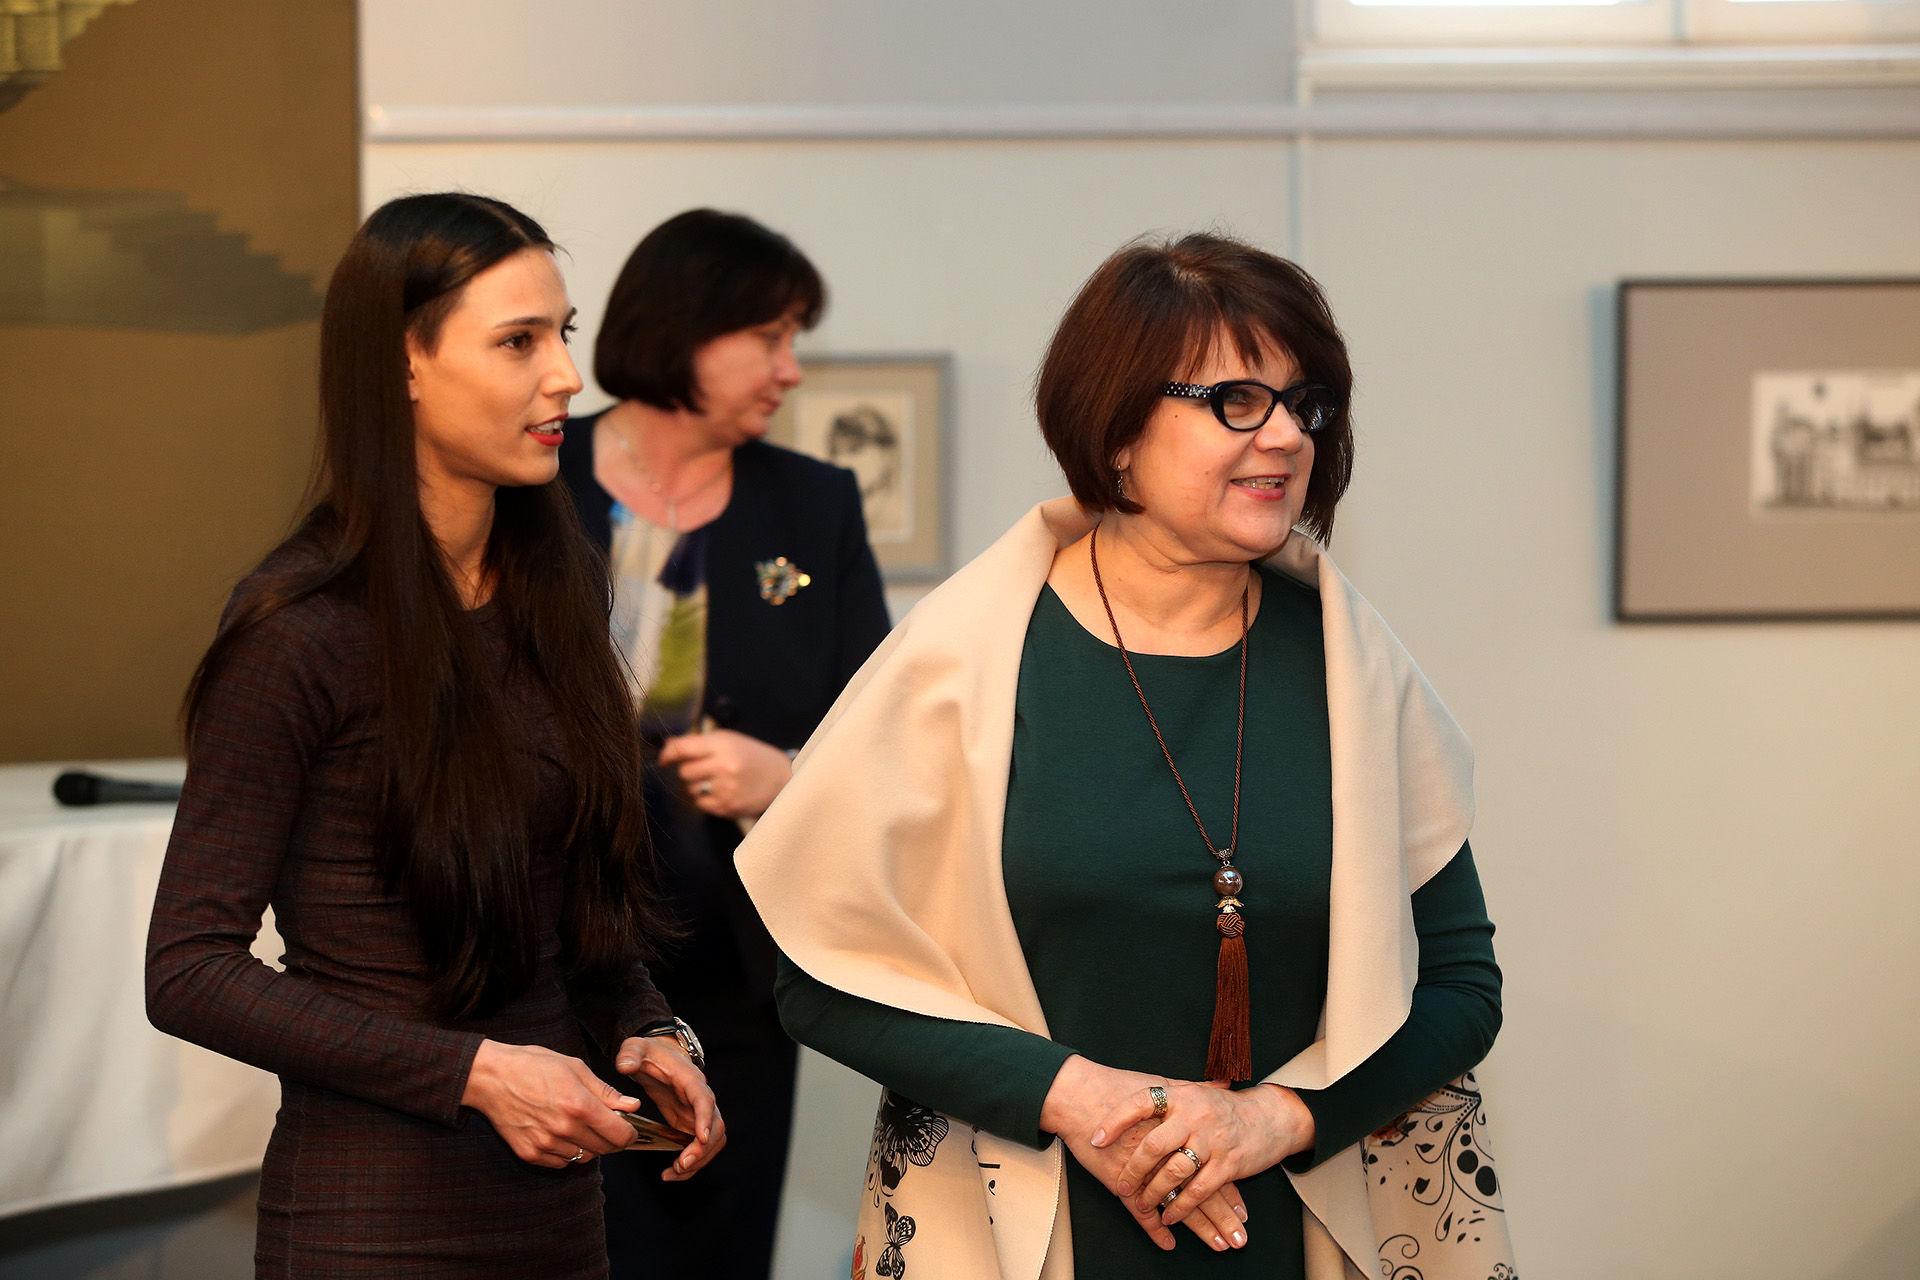 Daiva Nurdinova jau mokykloje žinojo, kad nori studijuoti meno krypties profesiją.